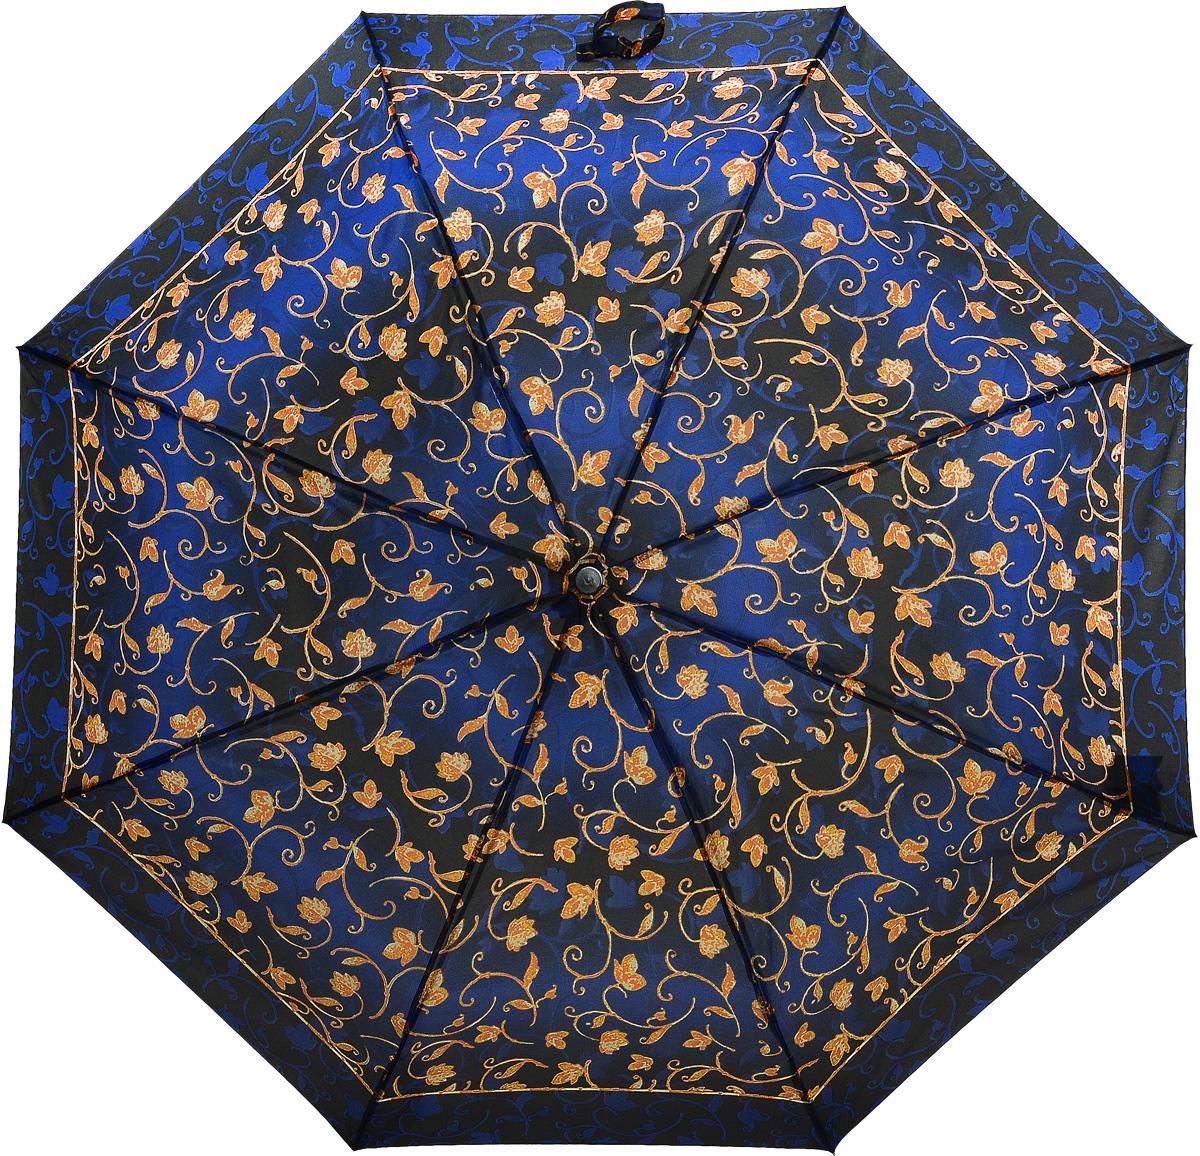 Зонт женский Prize, механический, 3 сложения, цвет: синий, фиолетовый. 355-131Серьги с подвескамиКлассический женский зонт в 3 сложения с механической системой открытия и закрытия. Удобная ручка выполнена из пластика. Модель зонта выполнена в стандартном размере. Данная модель пердставляет собой эконом класс.